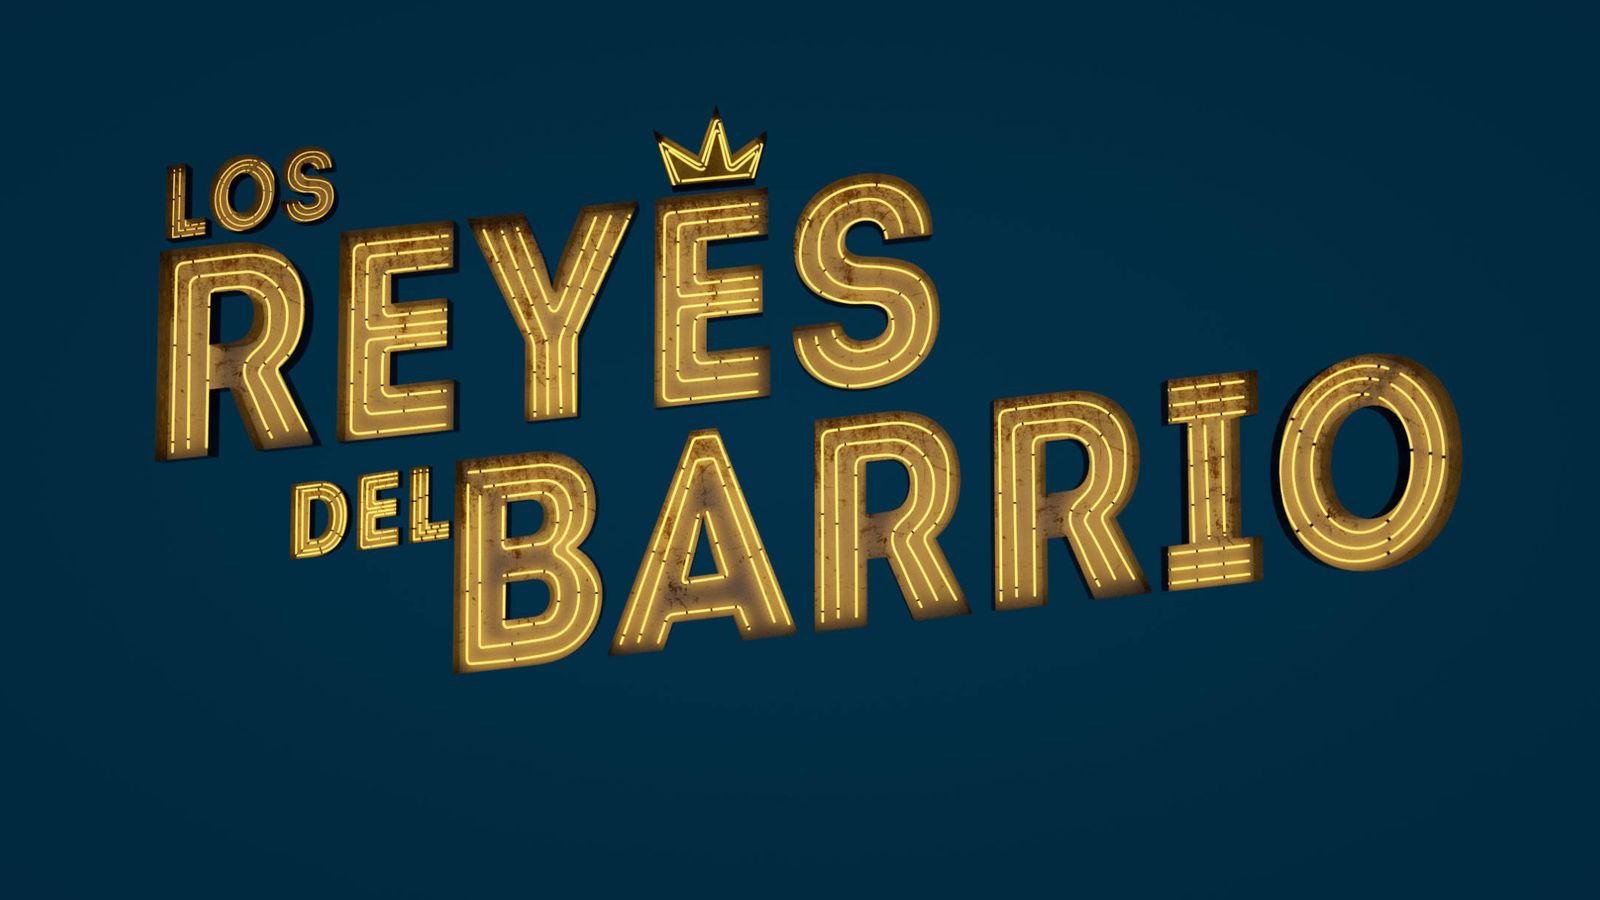 Foto: Logotipo de 'Los reyes del barrio'